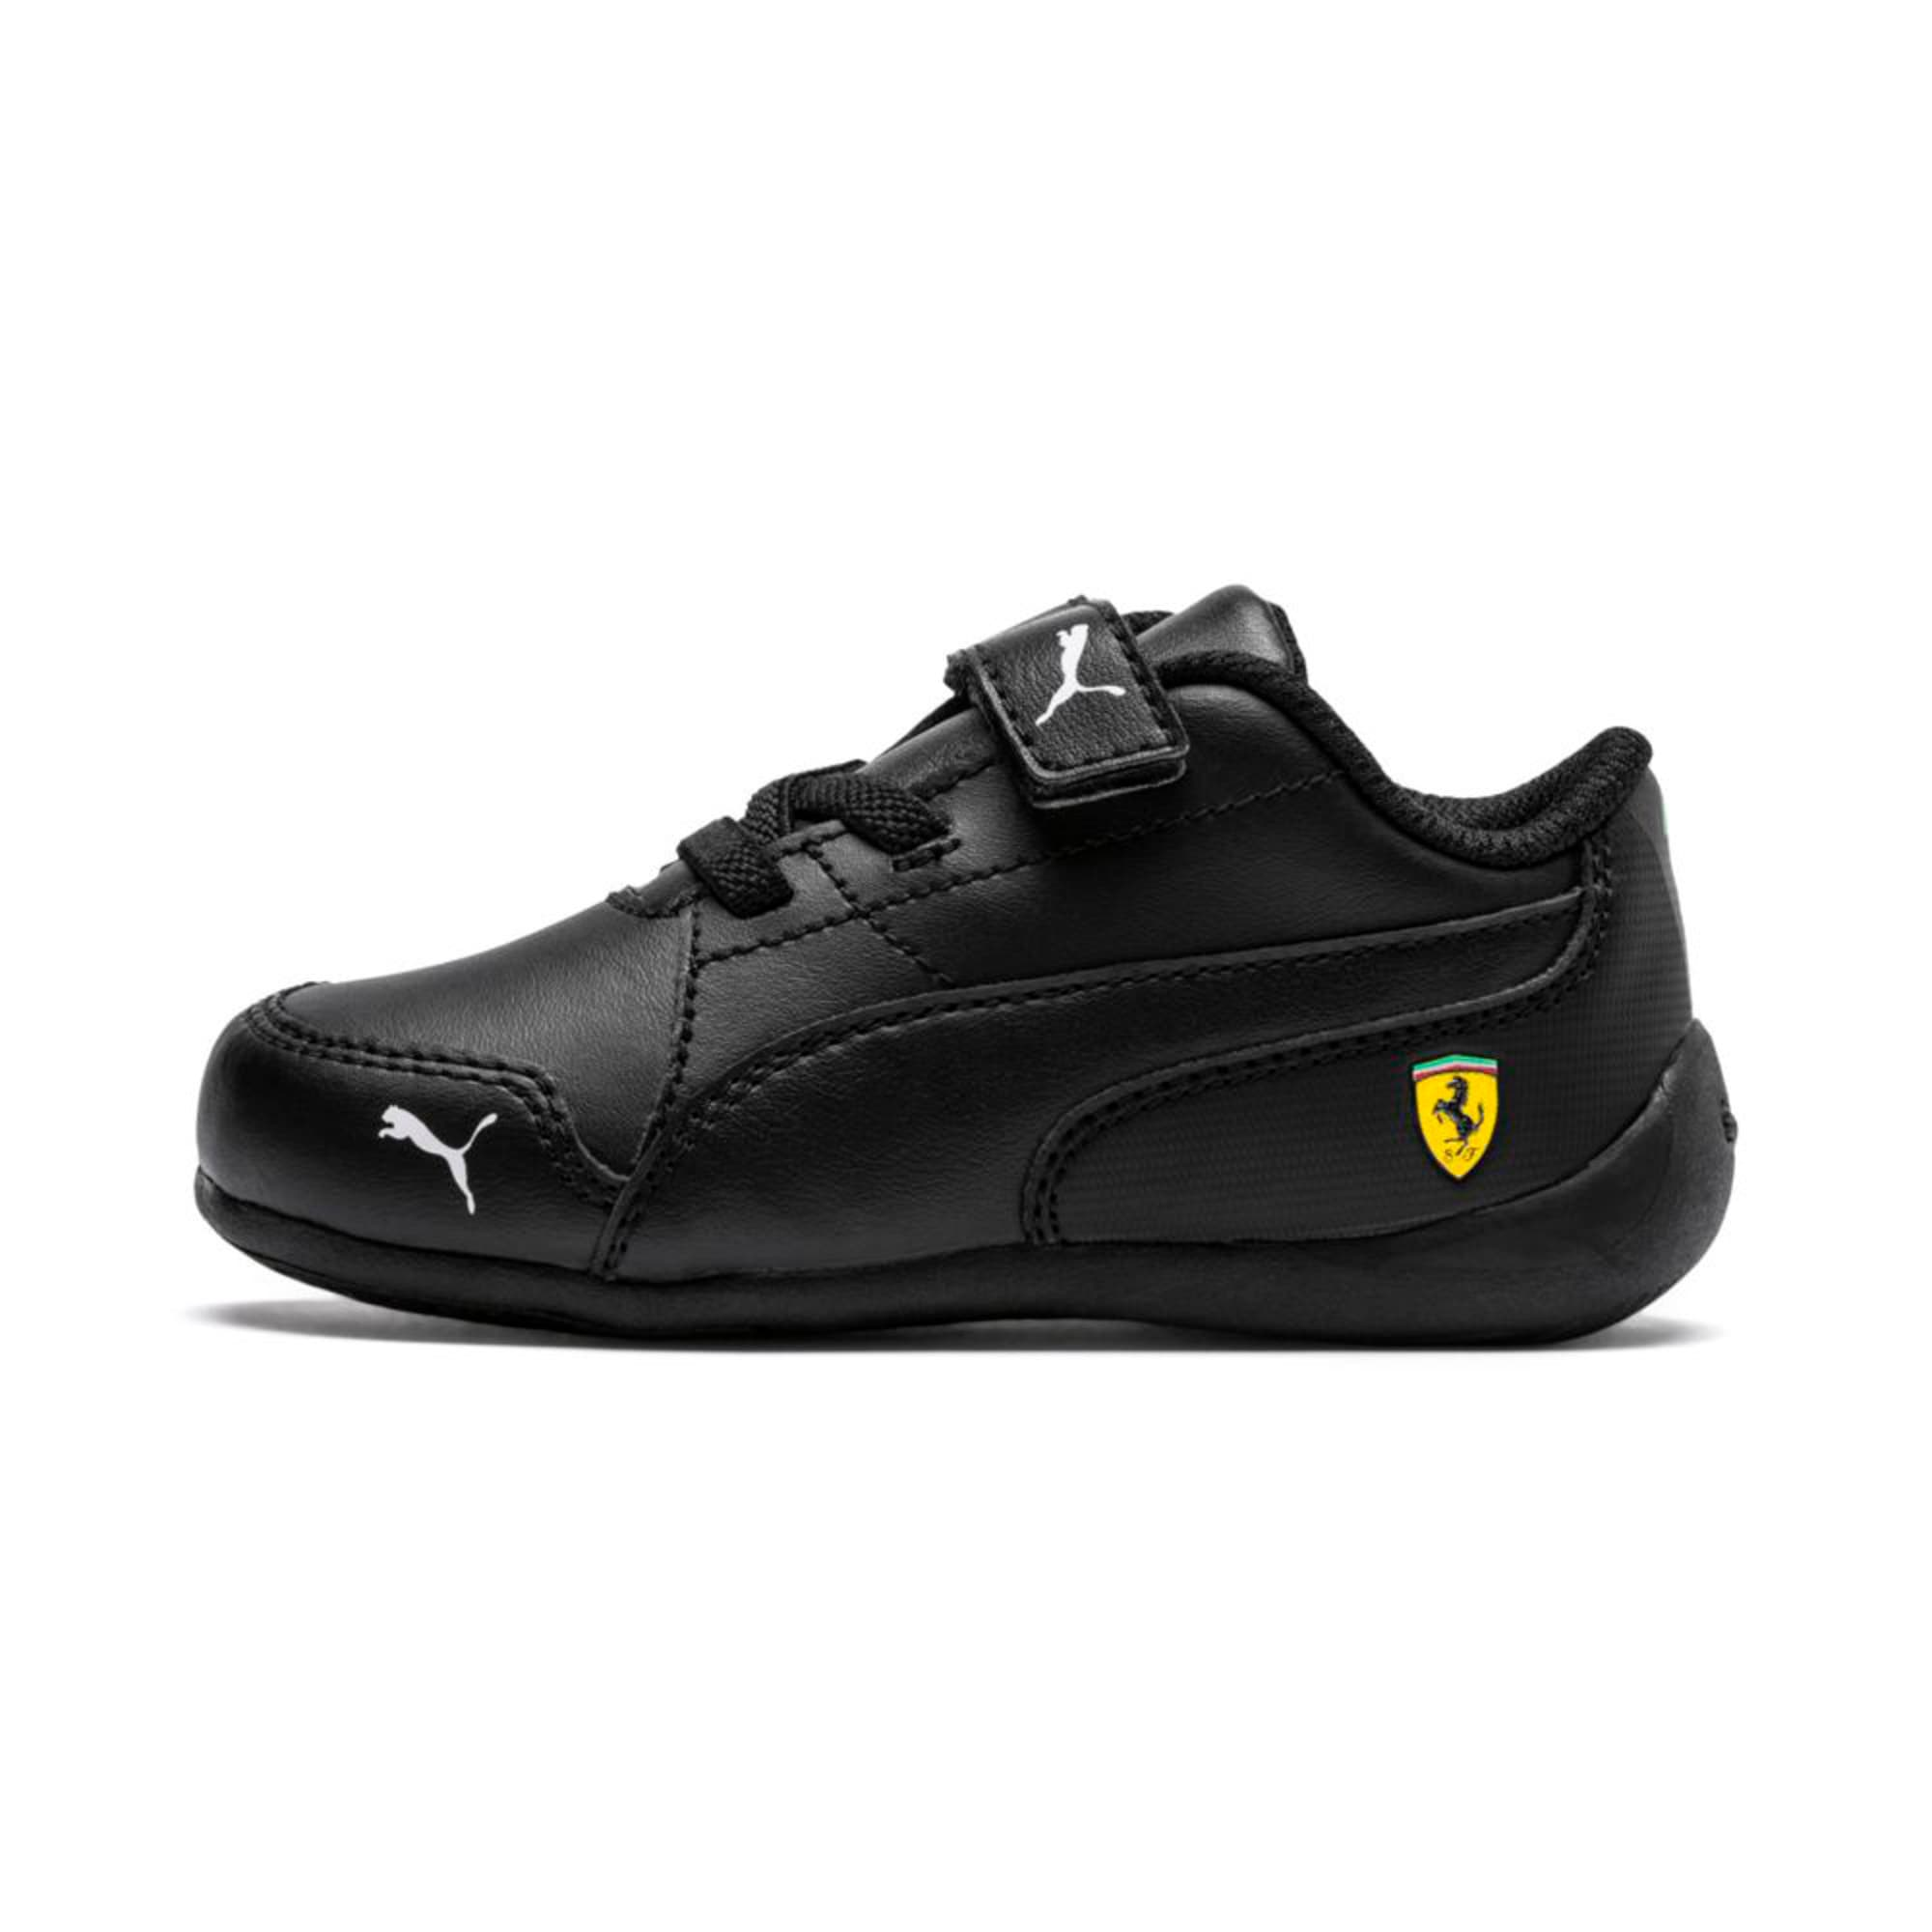 Thumbnail 1 of Ferrari Drift Cat 7 V Kids' Trainers, Puma Black-Puma Black, medium-IND